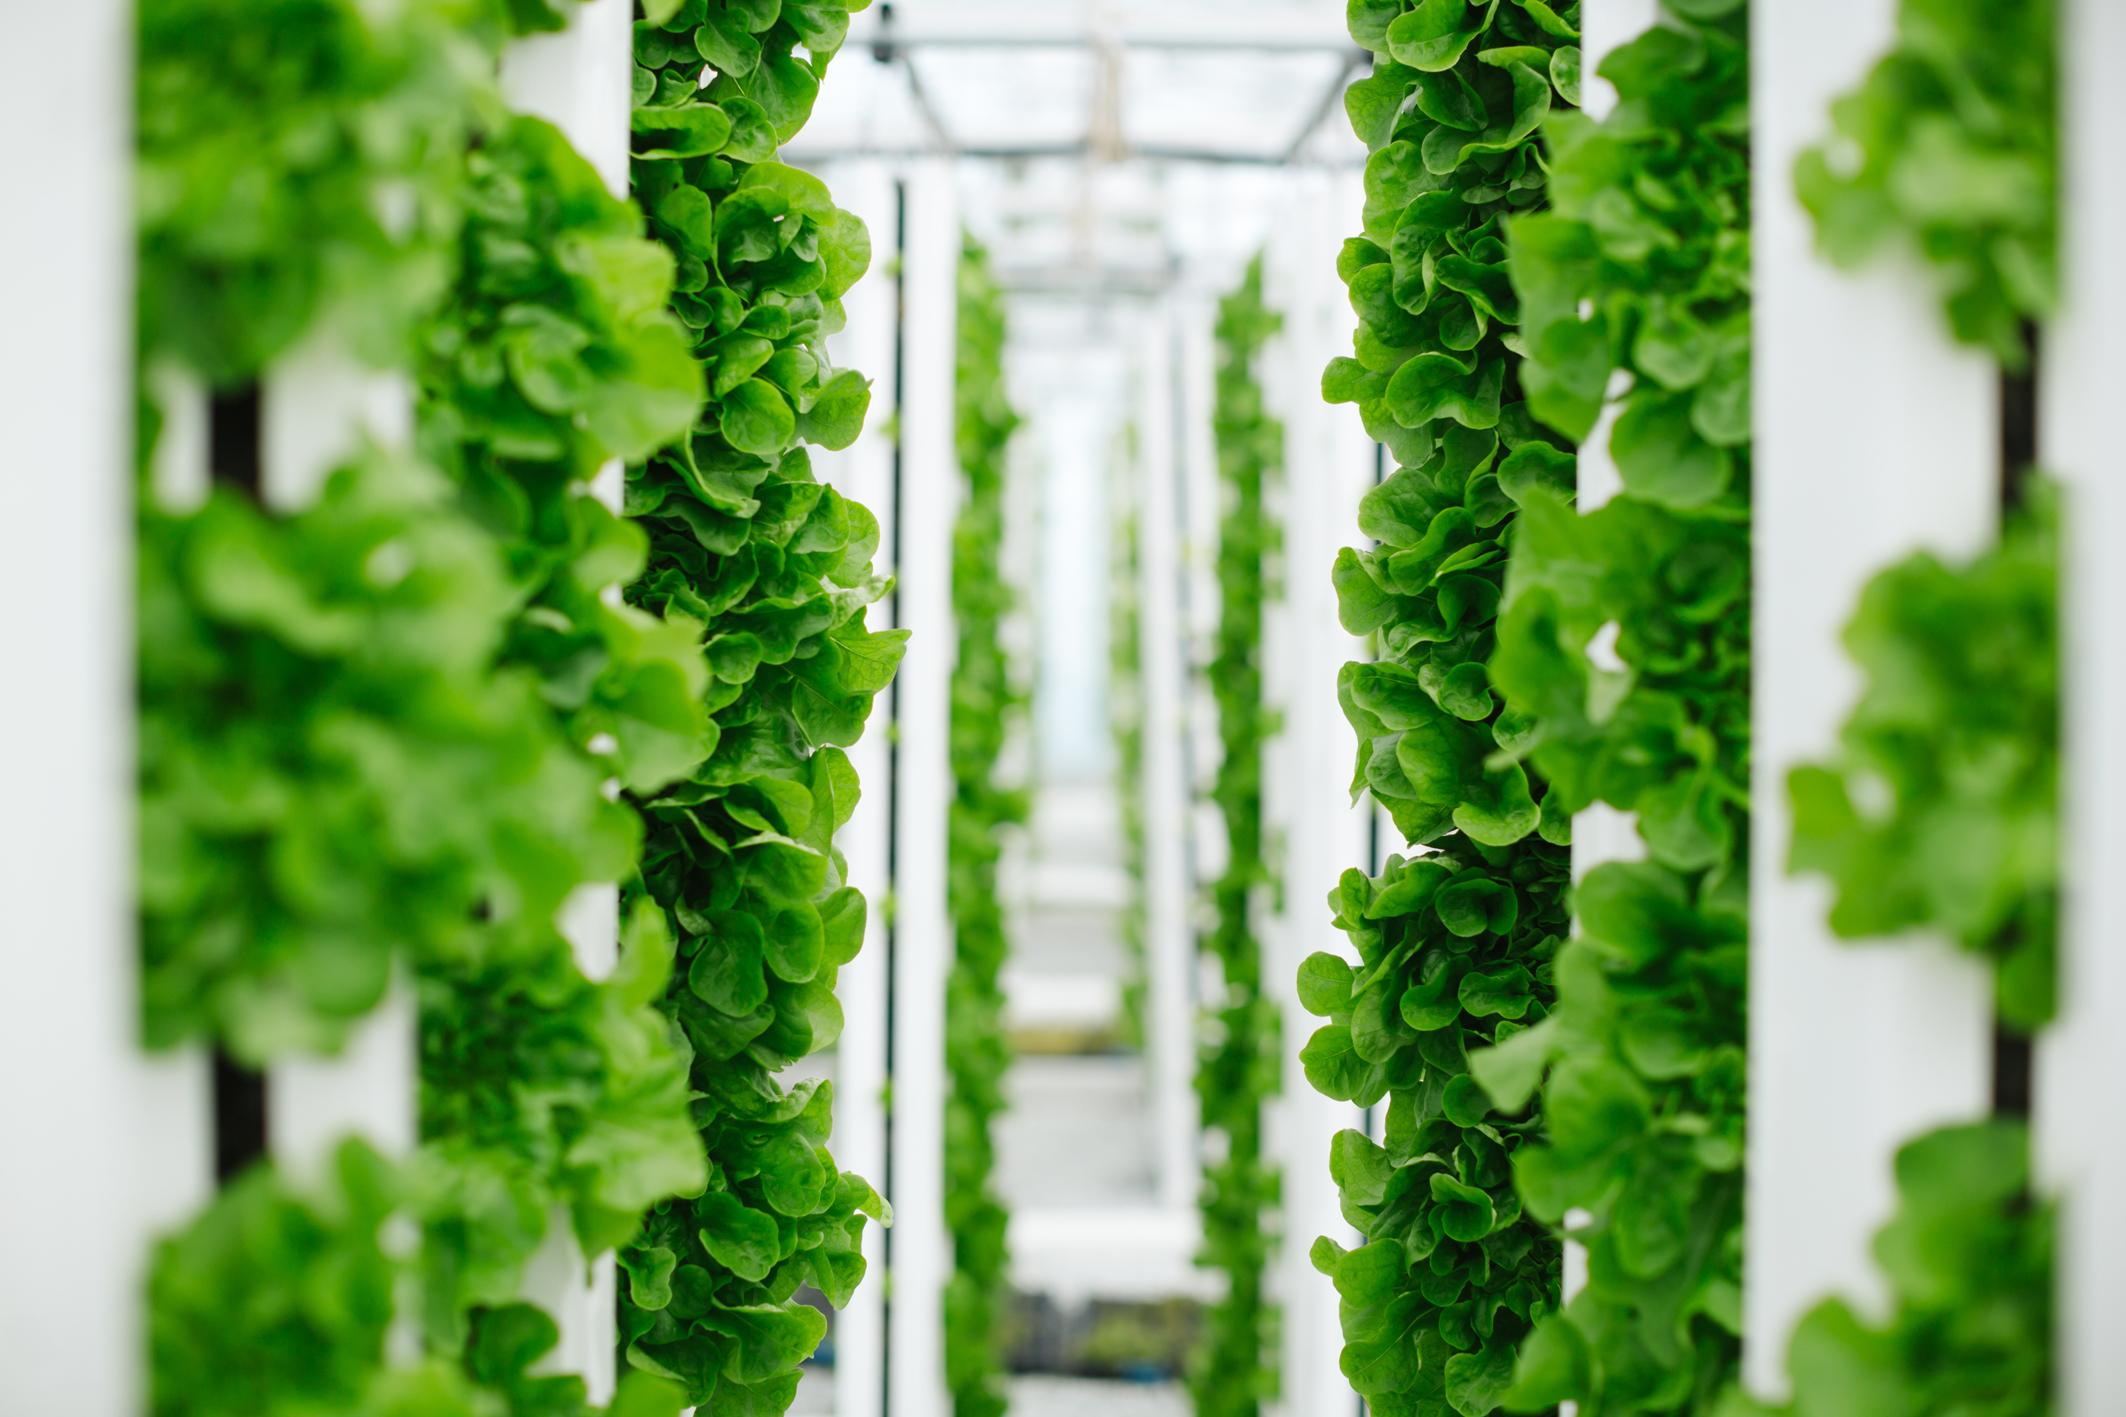 新加坡淡马锡与德国拜耳成立合资公司,开发垂直农业作物新品种